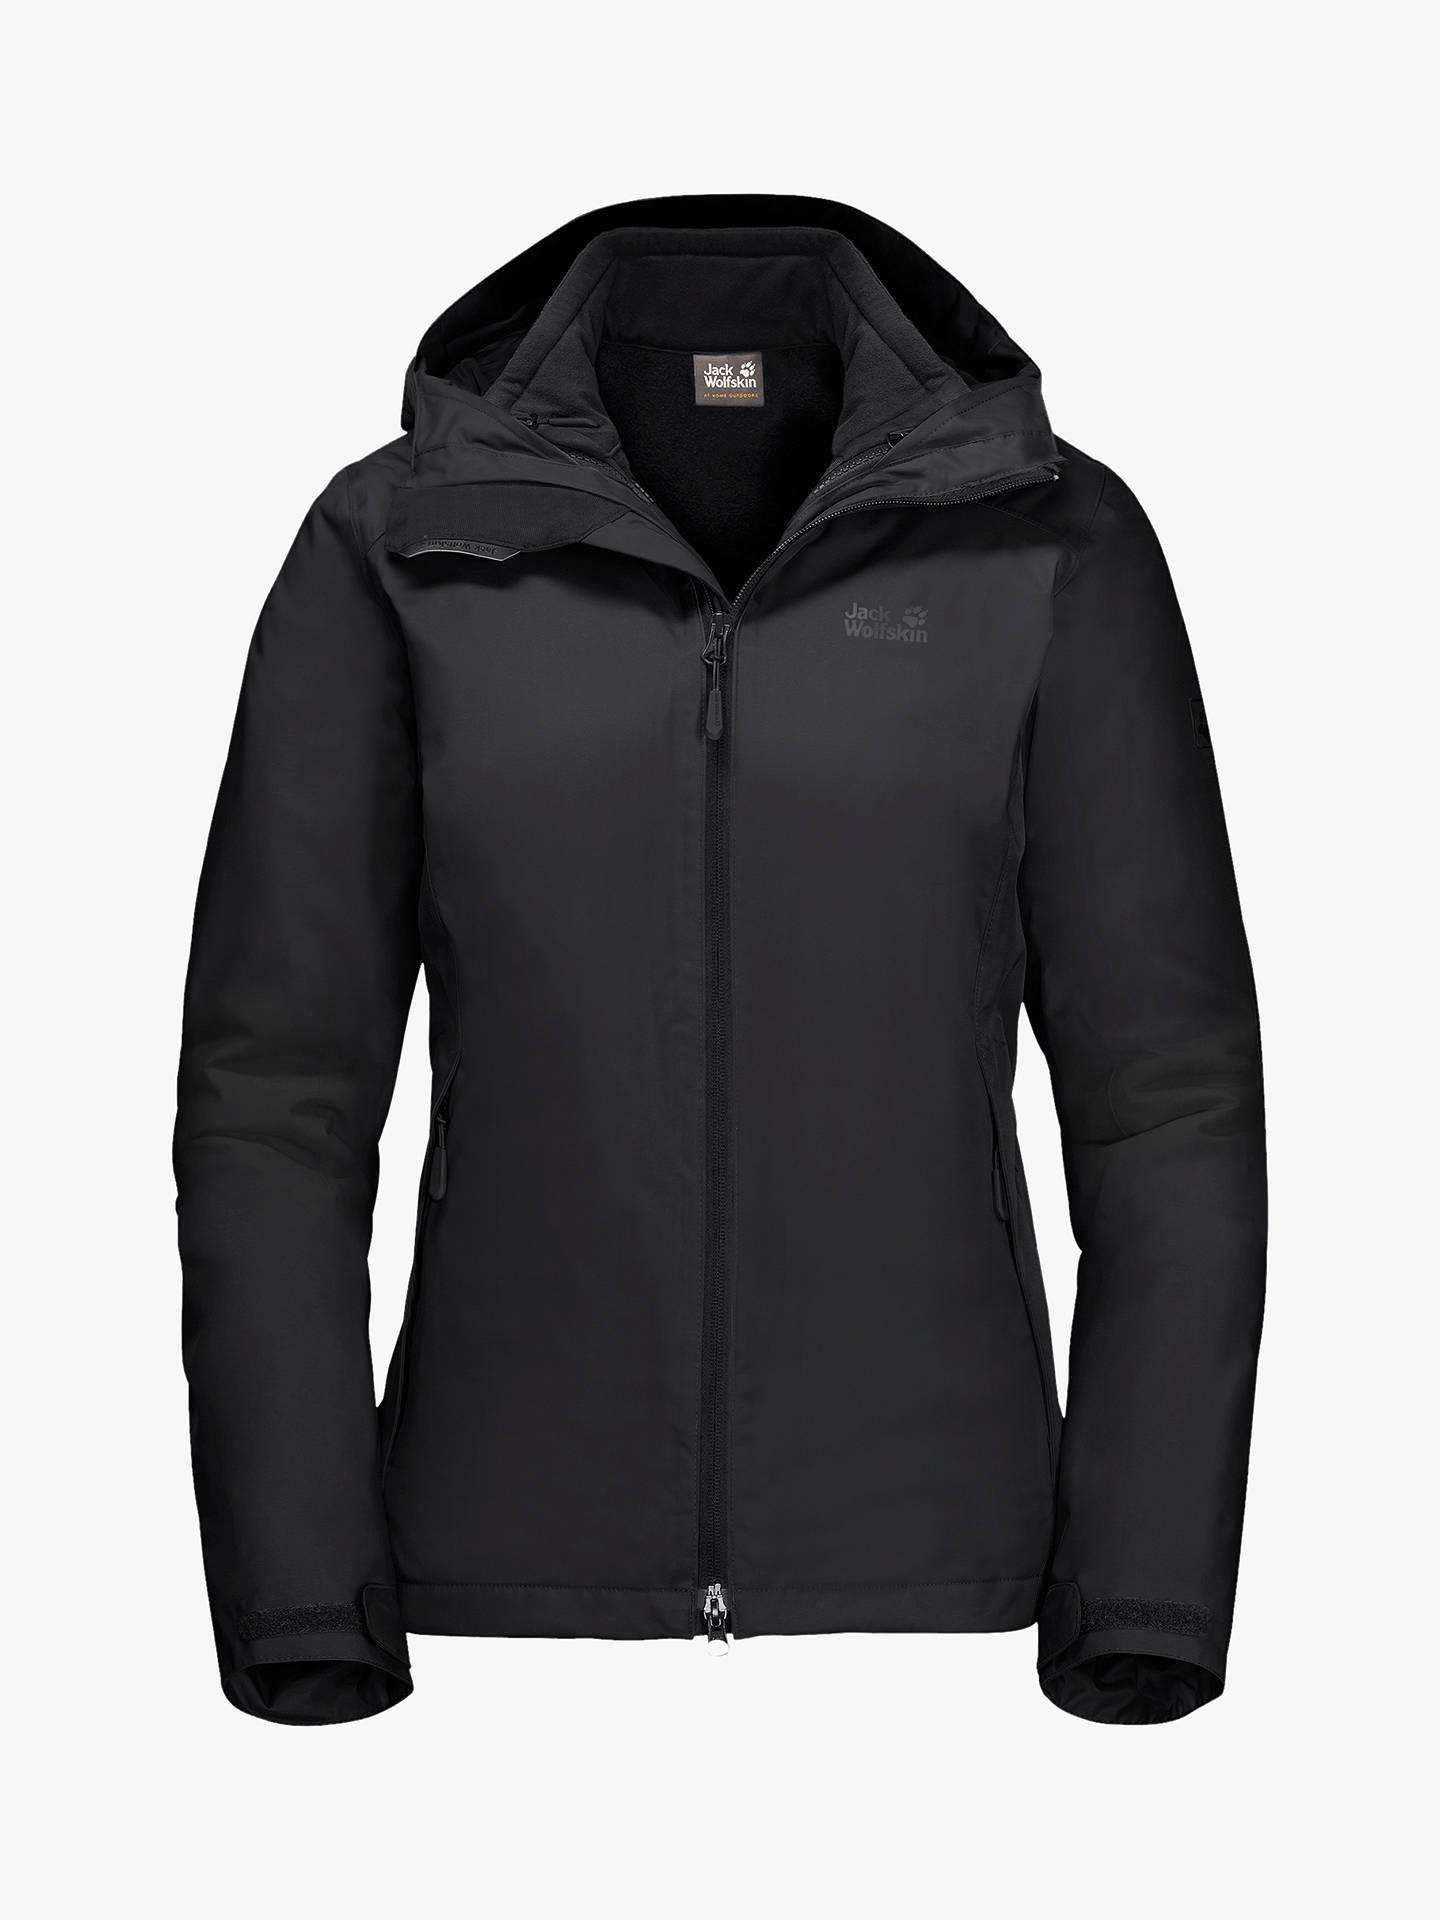 best service 4e4a1 44a9c Jack Wolfskin Gotland 3-in-1 Women's Waterproof Jacket, Black